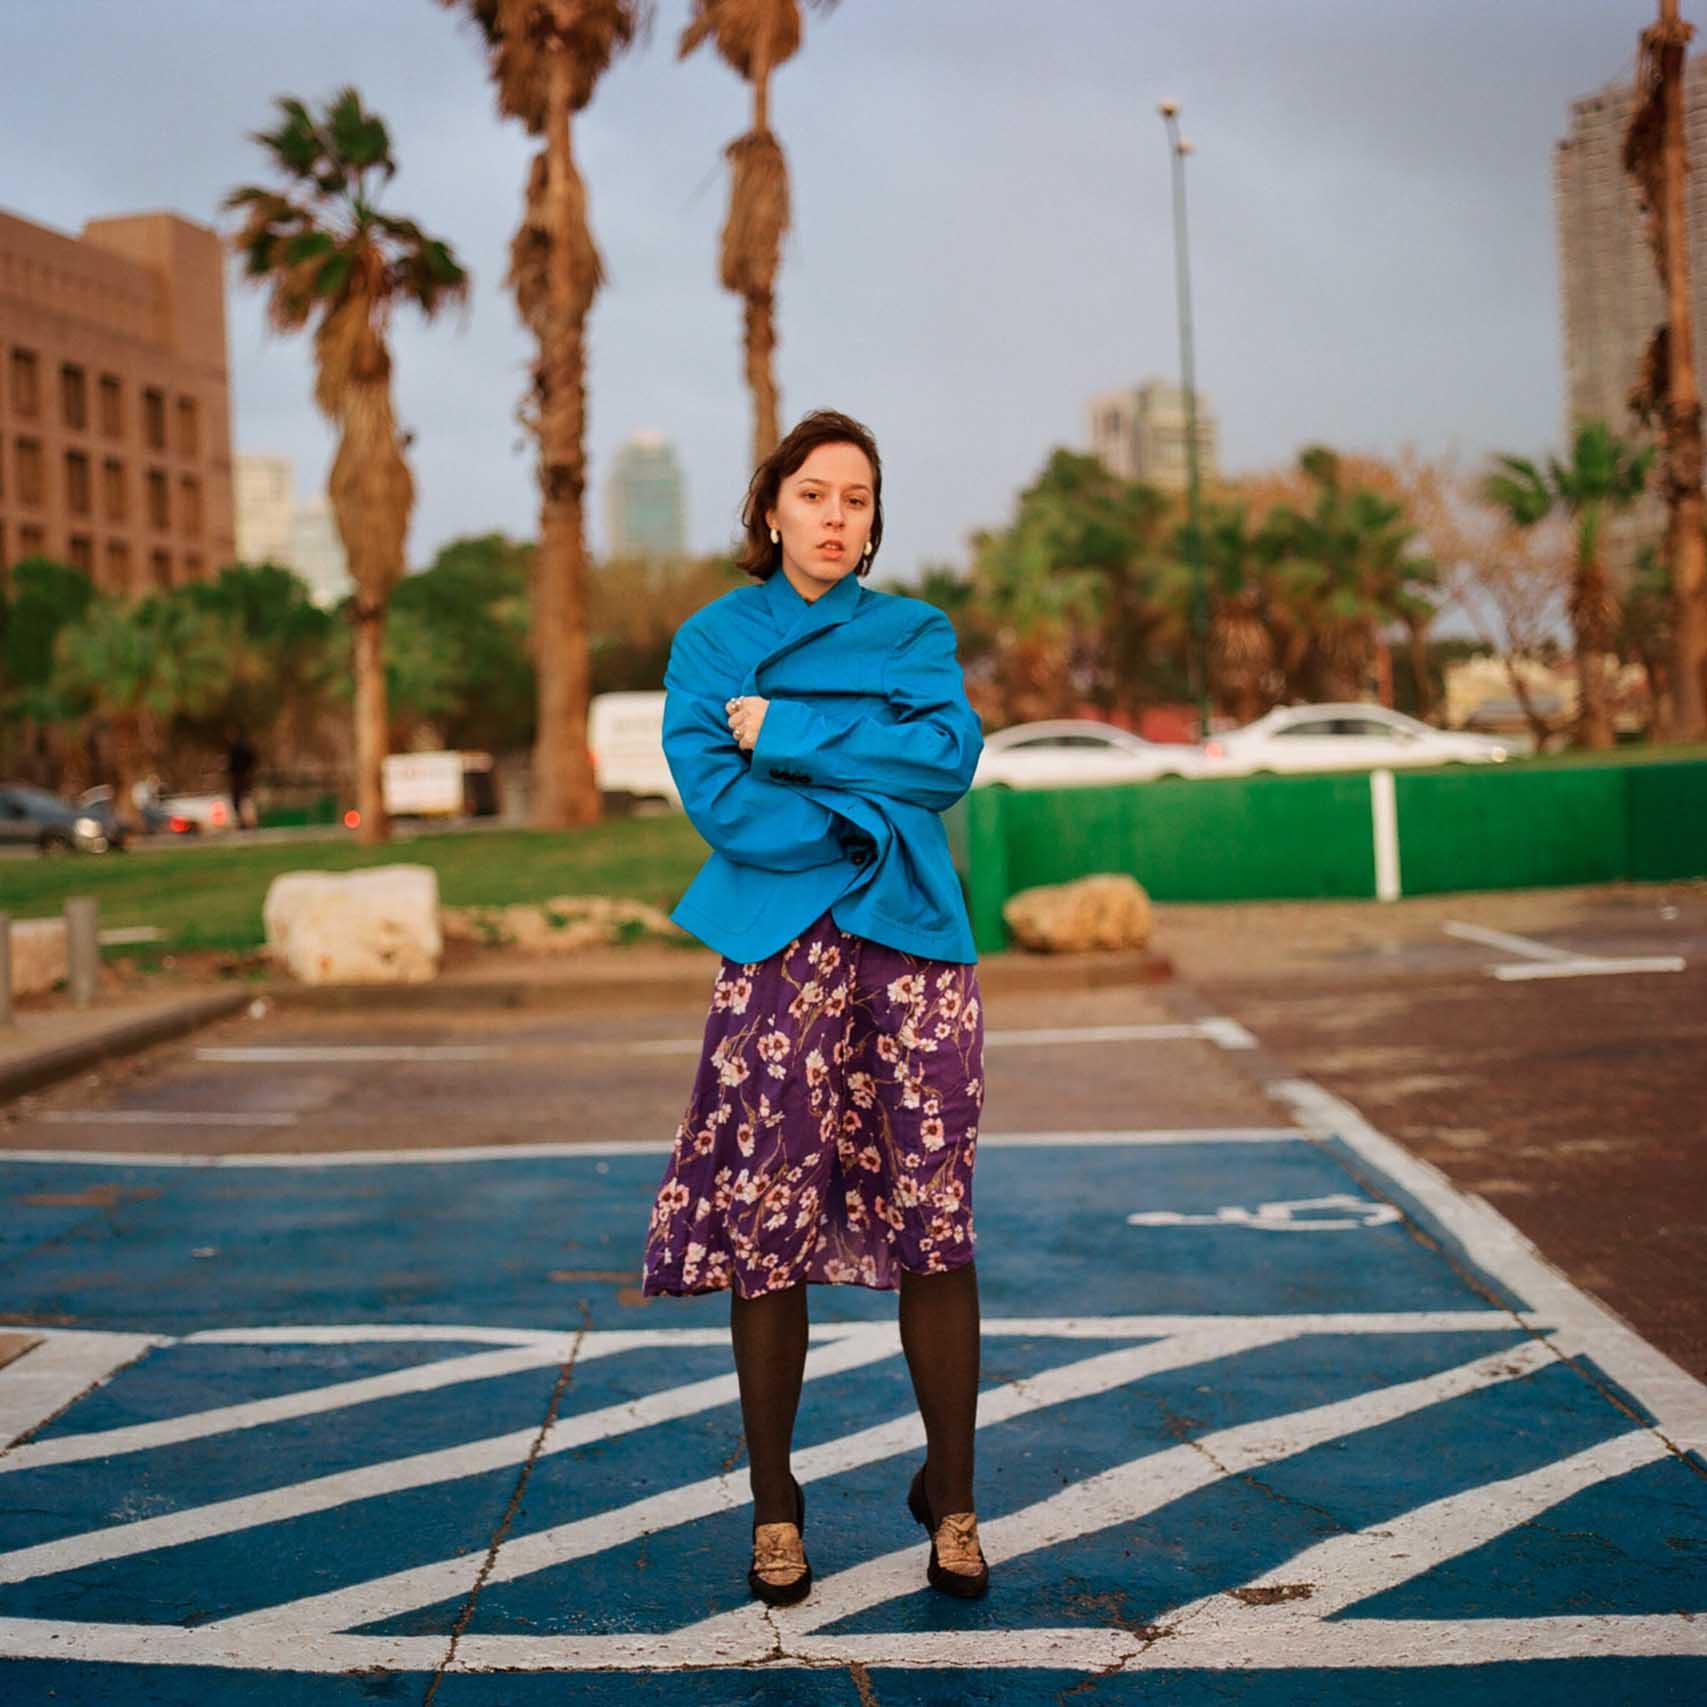 הפקות אופנה, צילום: עוז ברק, דוגמנית: Christina Hlybova, אופנה: ונטה -מגזין אופנה ישראלי - 5